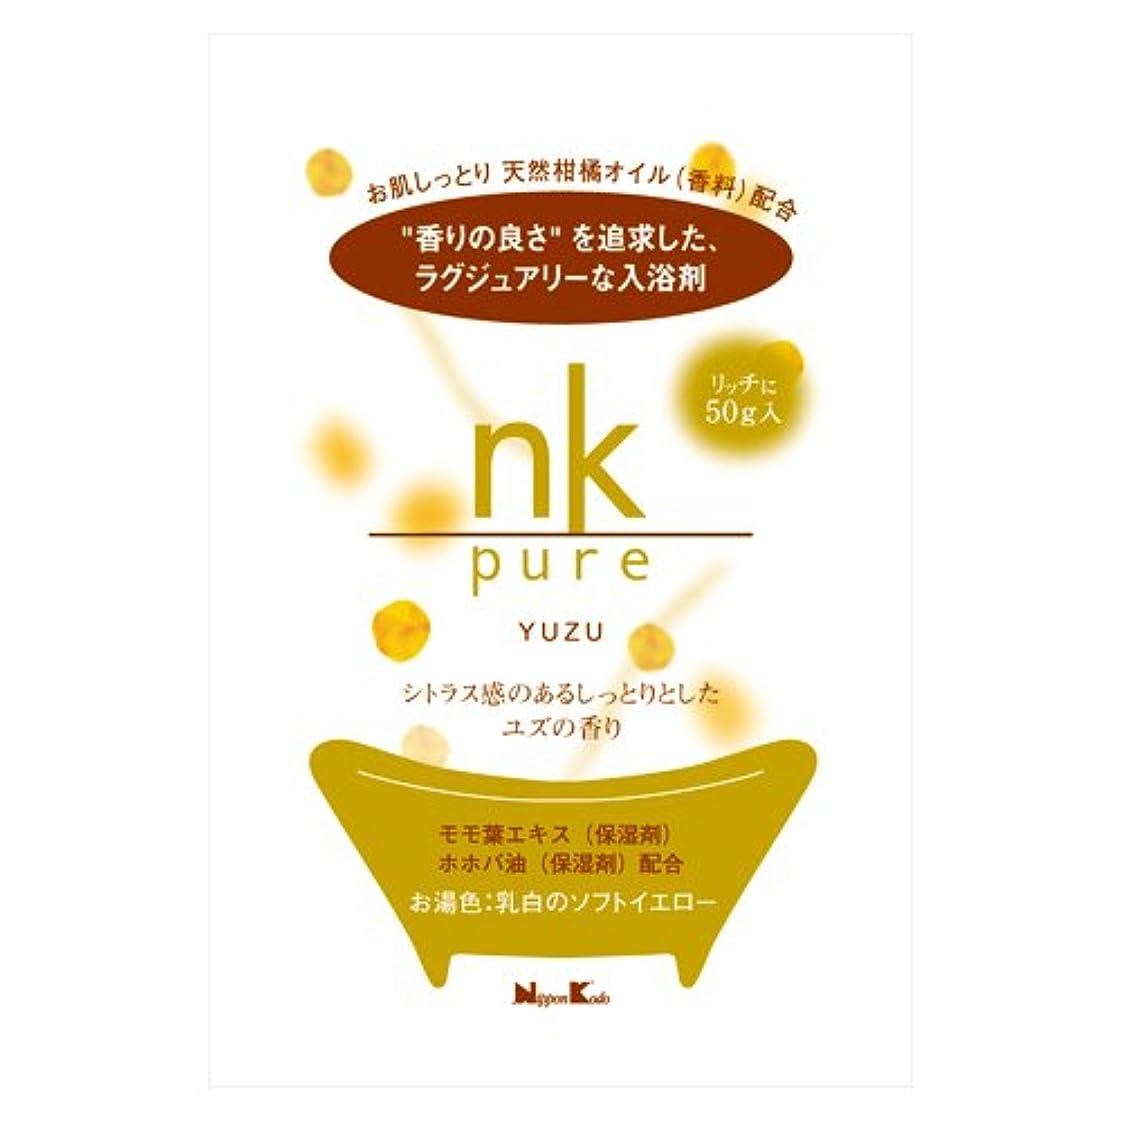 センサーバケツ骨髄【X10個セット】 nk pure 入浴剤 ユズ 50g